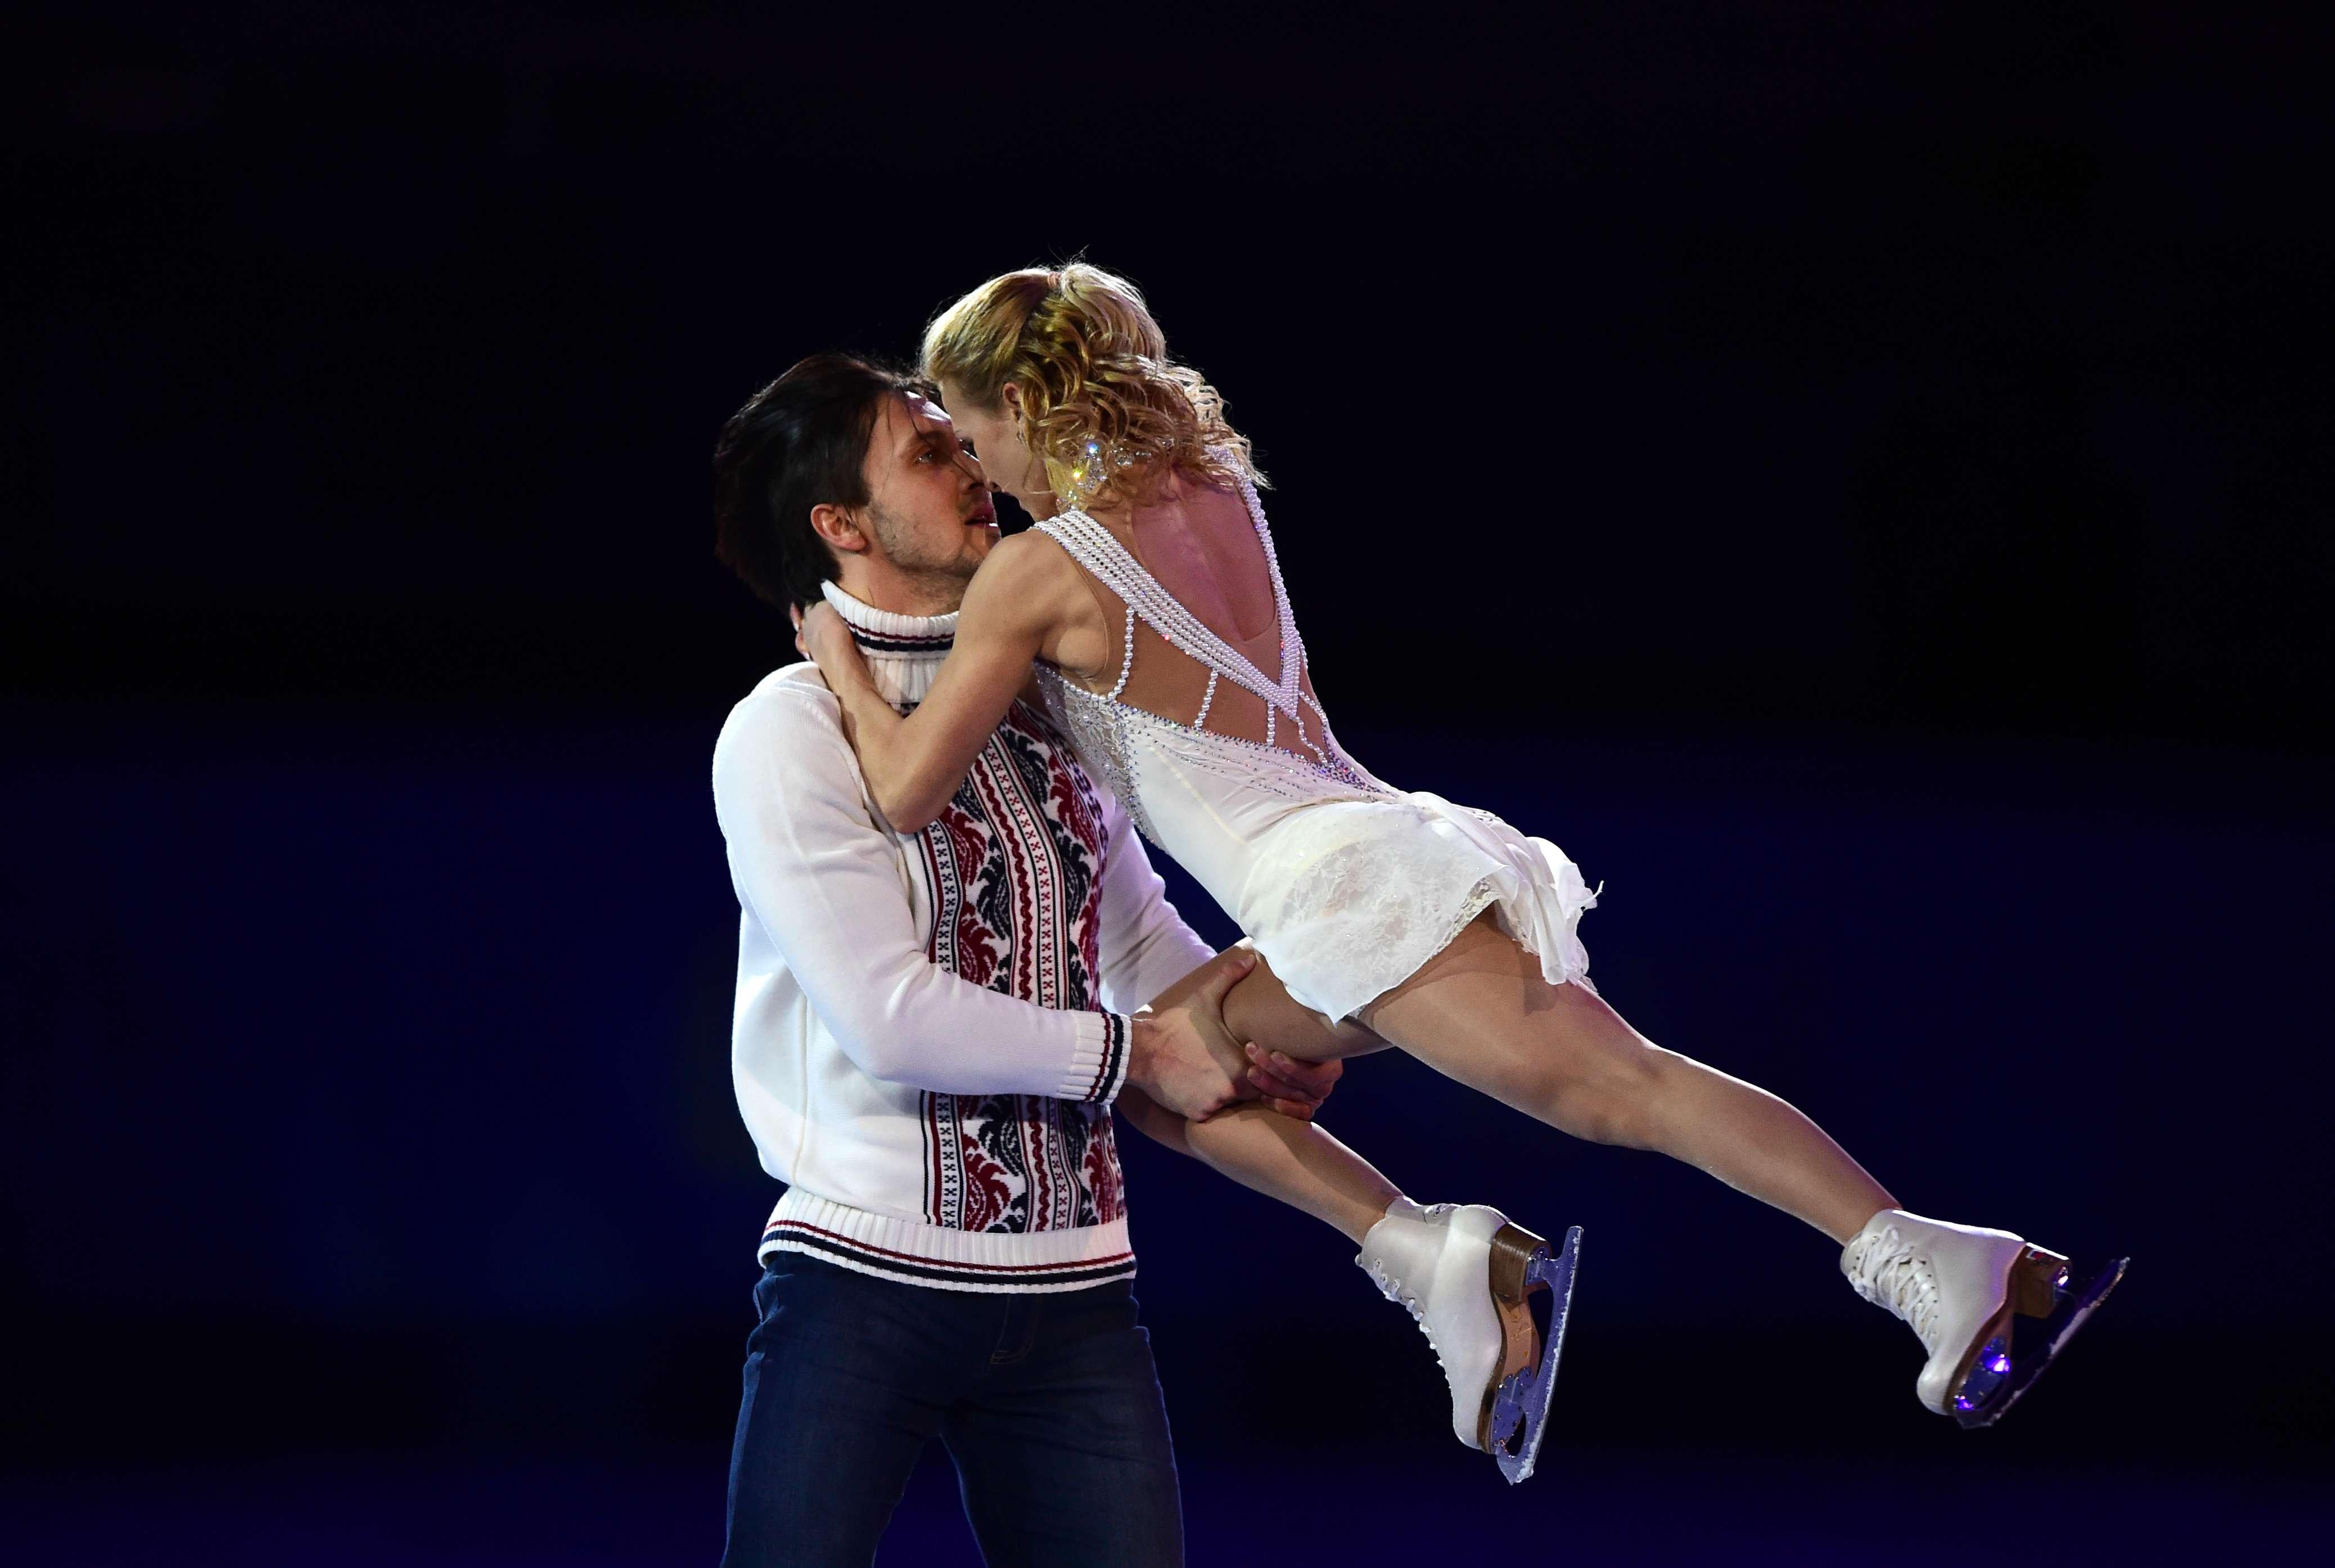 Repasa las mejores fotos de los Juegos Olímpicos de ...